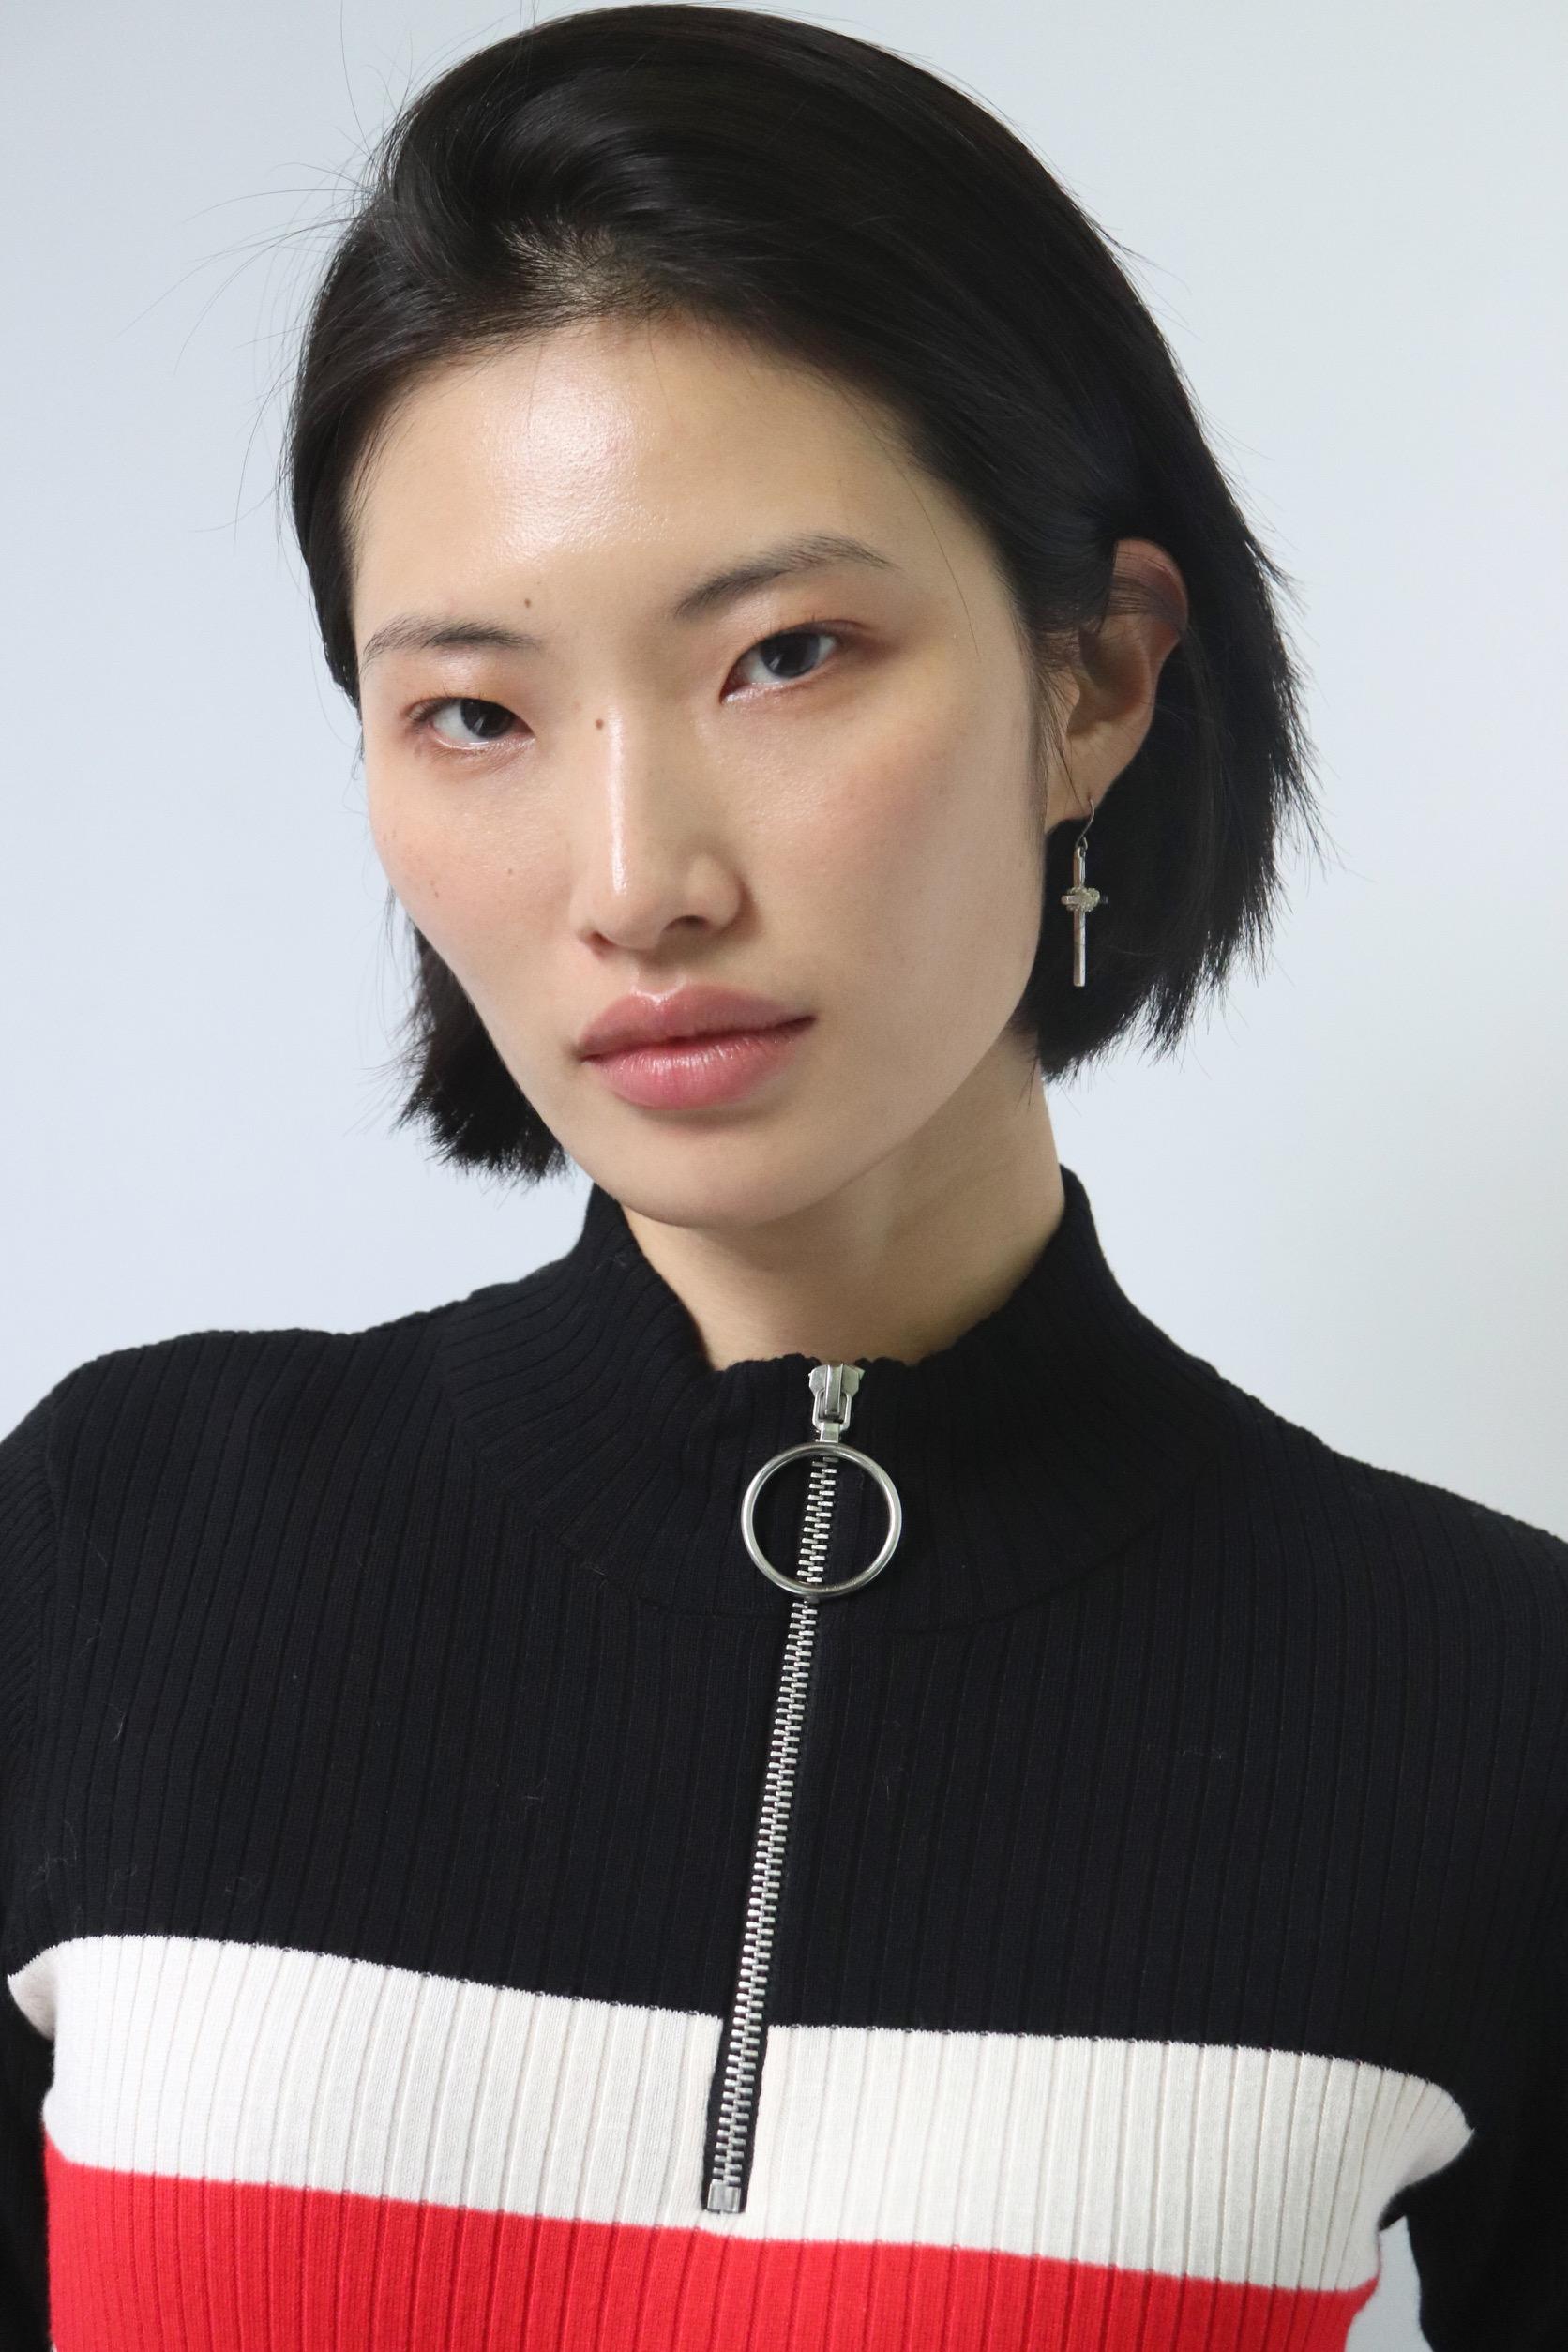 모델 손누리 YG 케이플러스와 동행, 배정남, 혜박, 최소라, 배윤영과 한솥밥